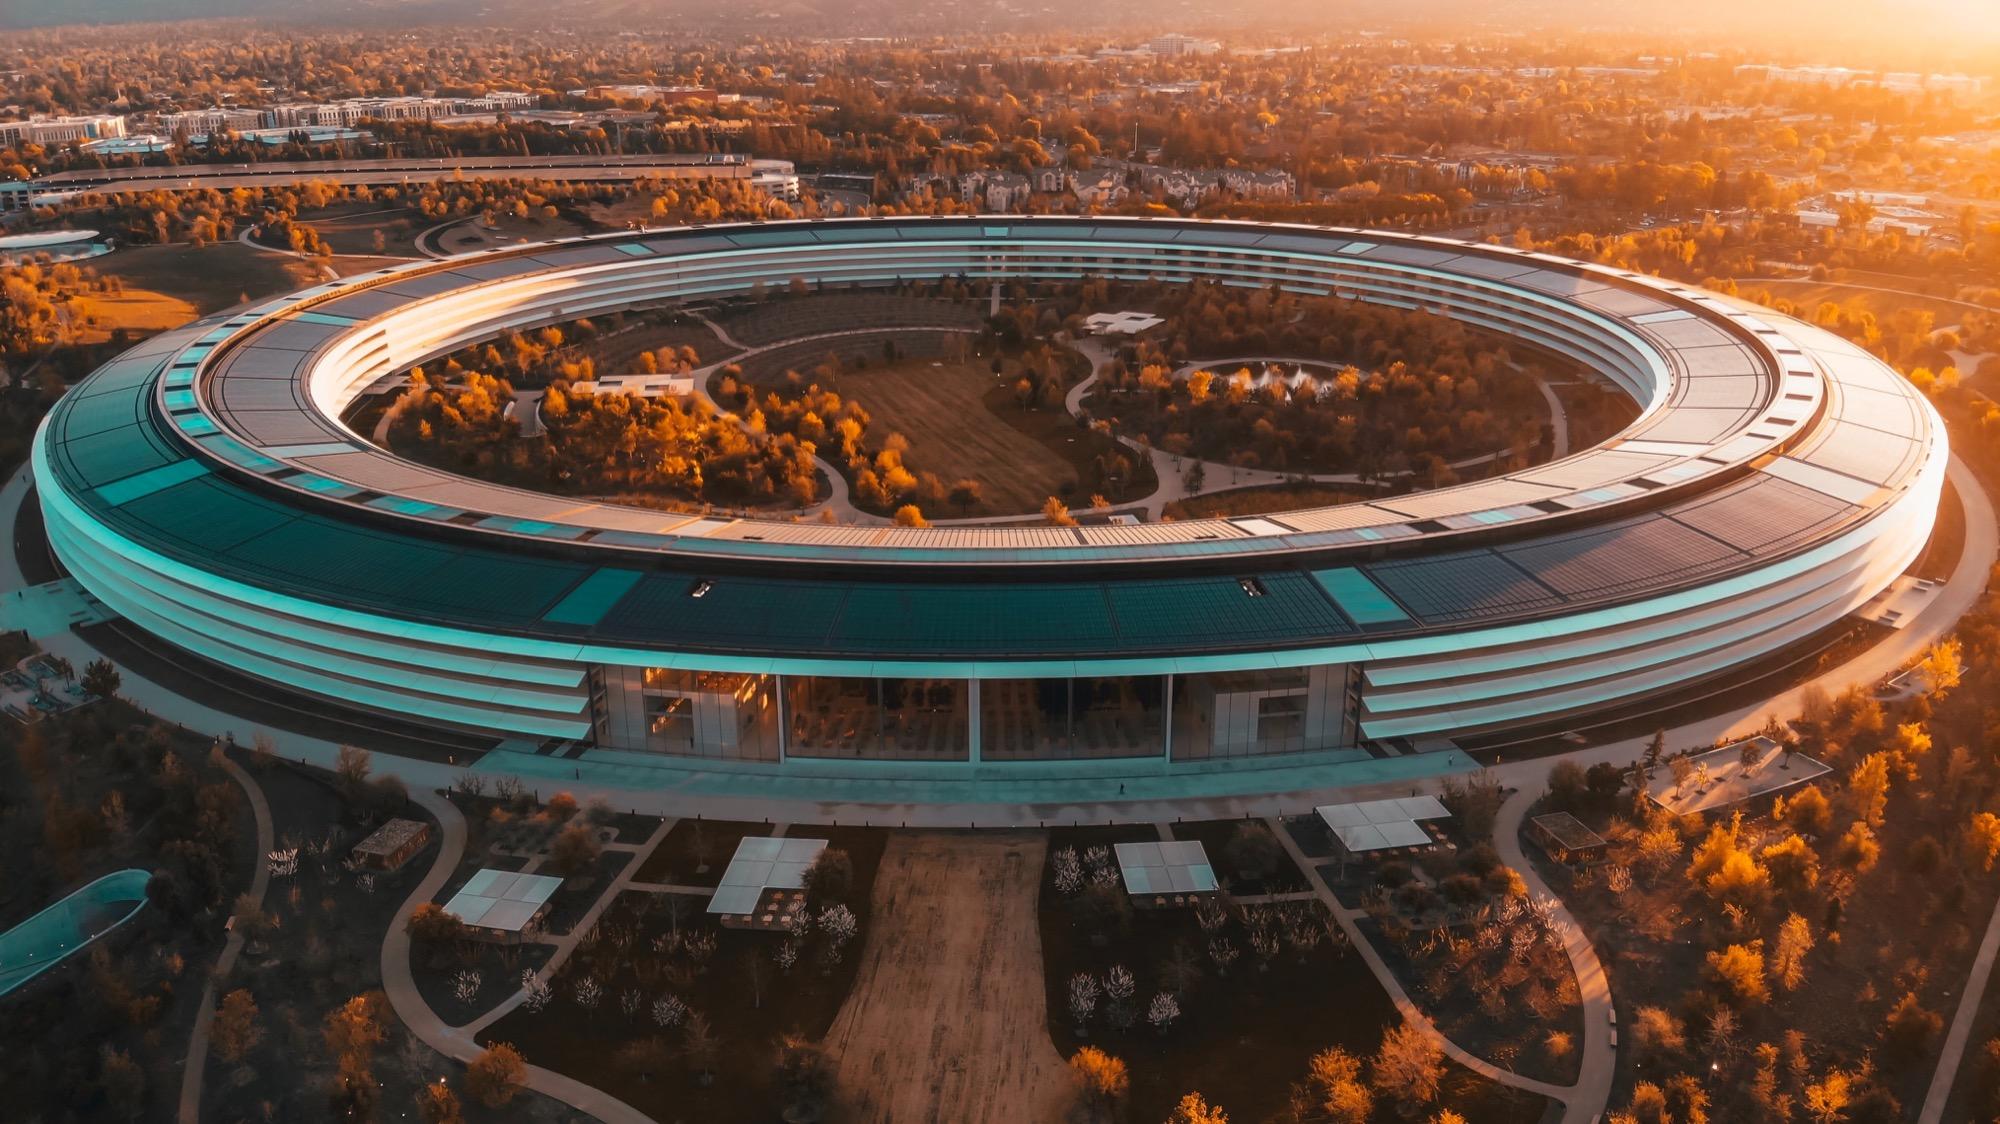 Apple au top des entreprises fonctionnant sur l'énergie solaire 2